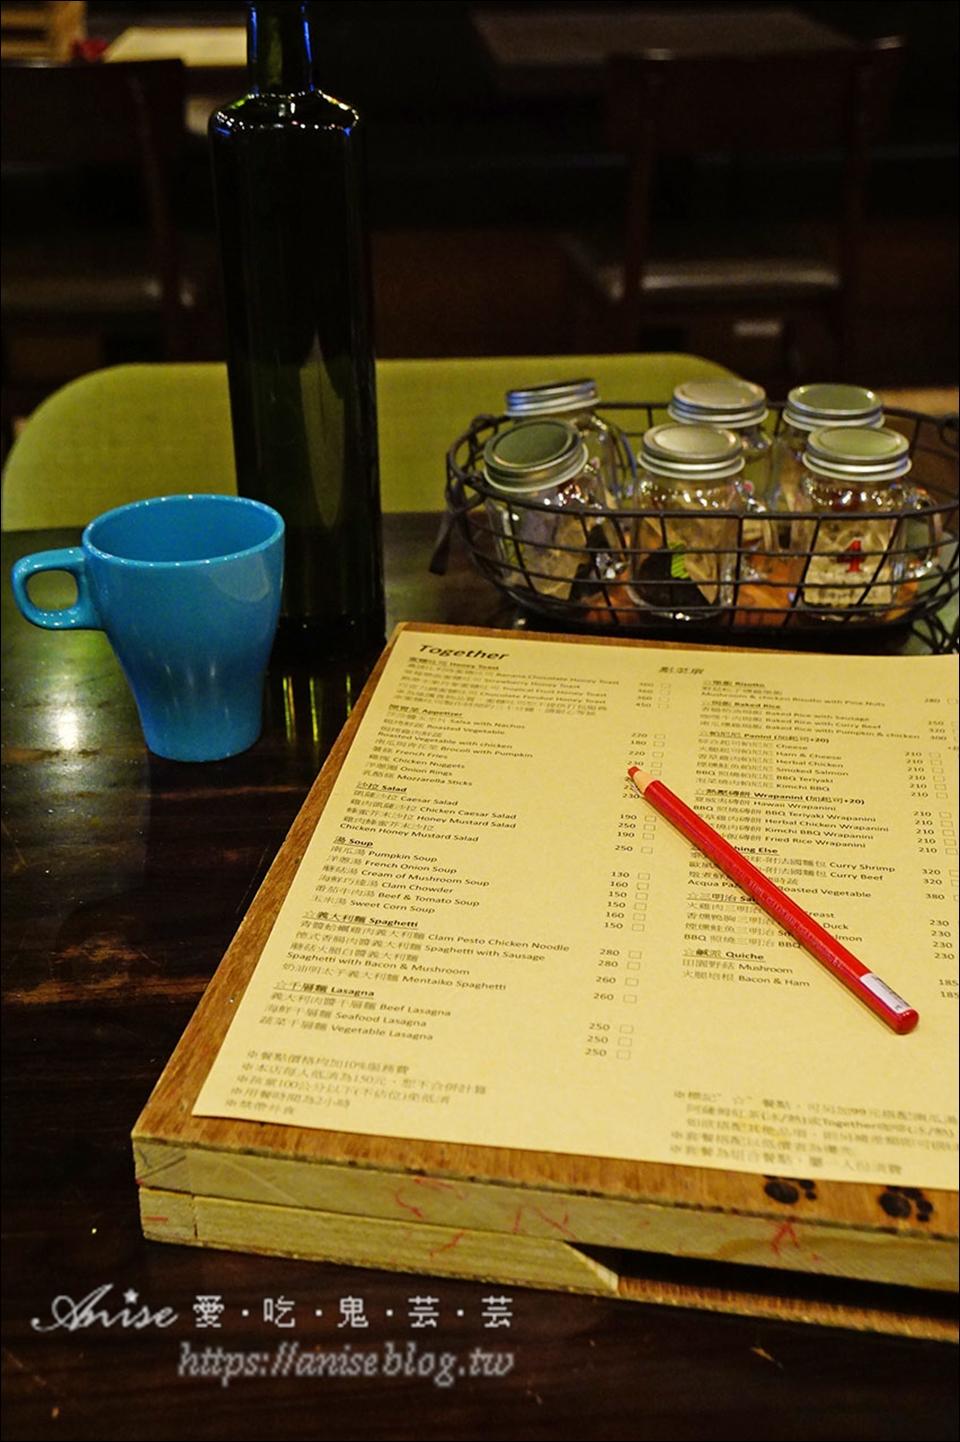 永康街咖啡Together CAFE,巷弄內寧靜美好的小店,週末有害羞狗狗坐鎮喔!